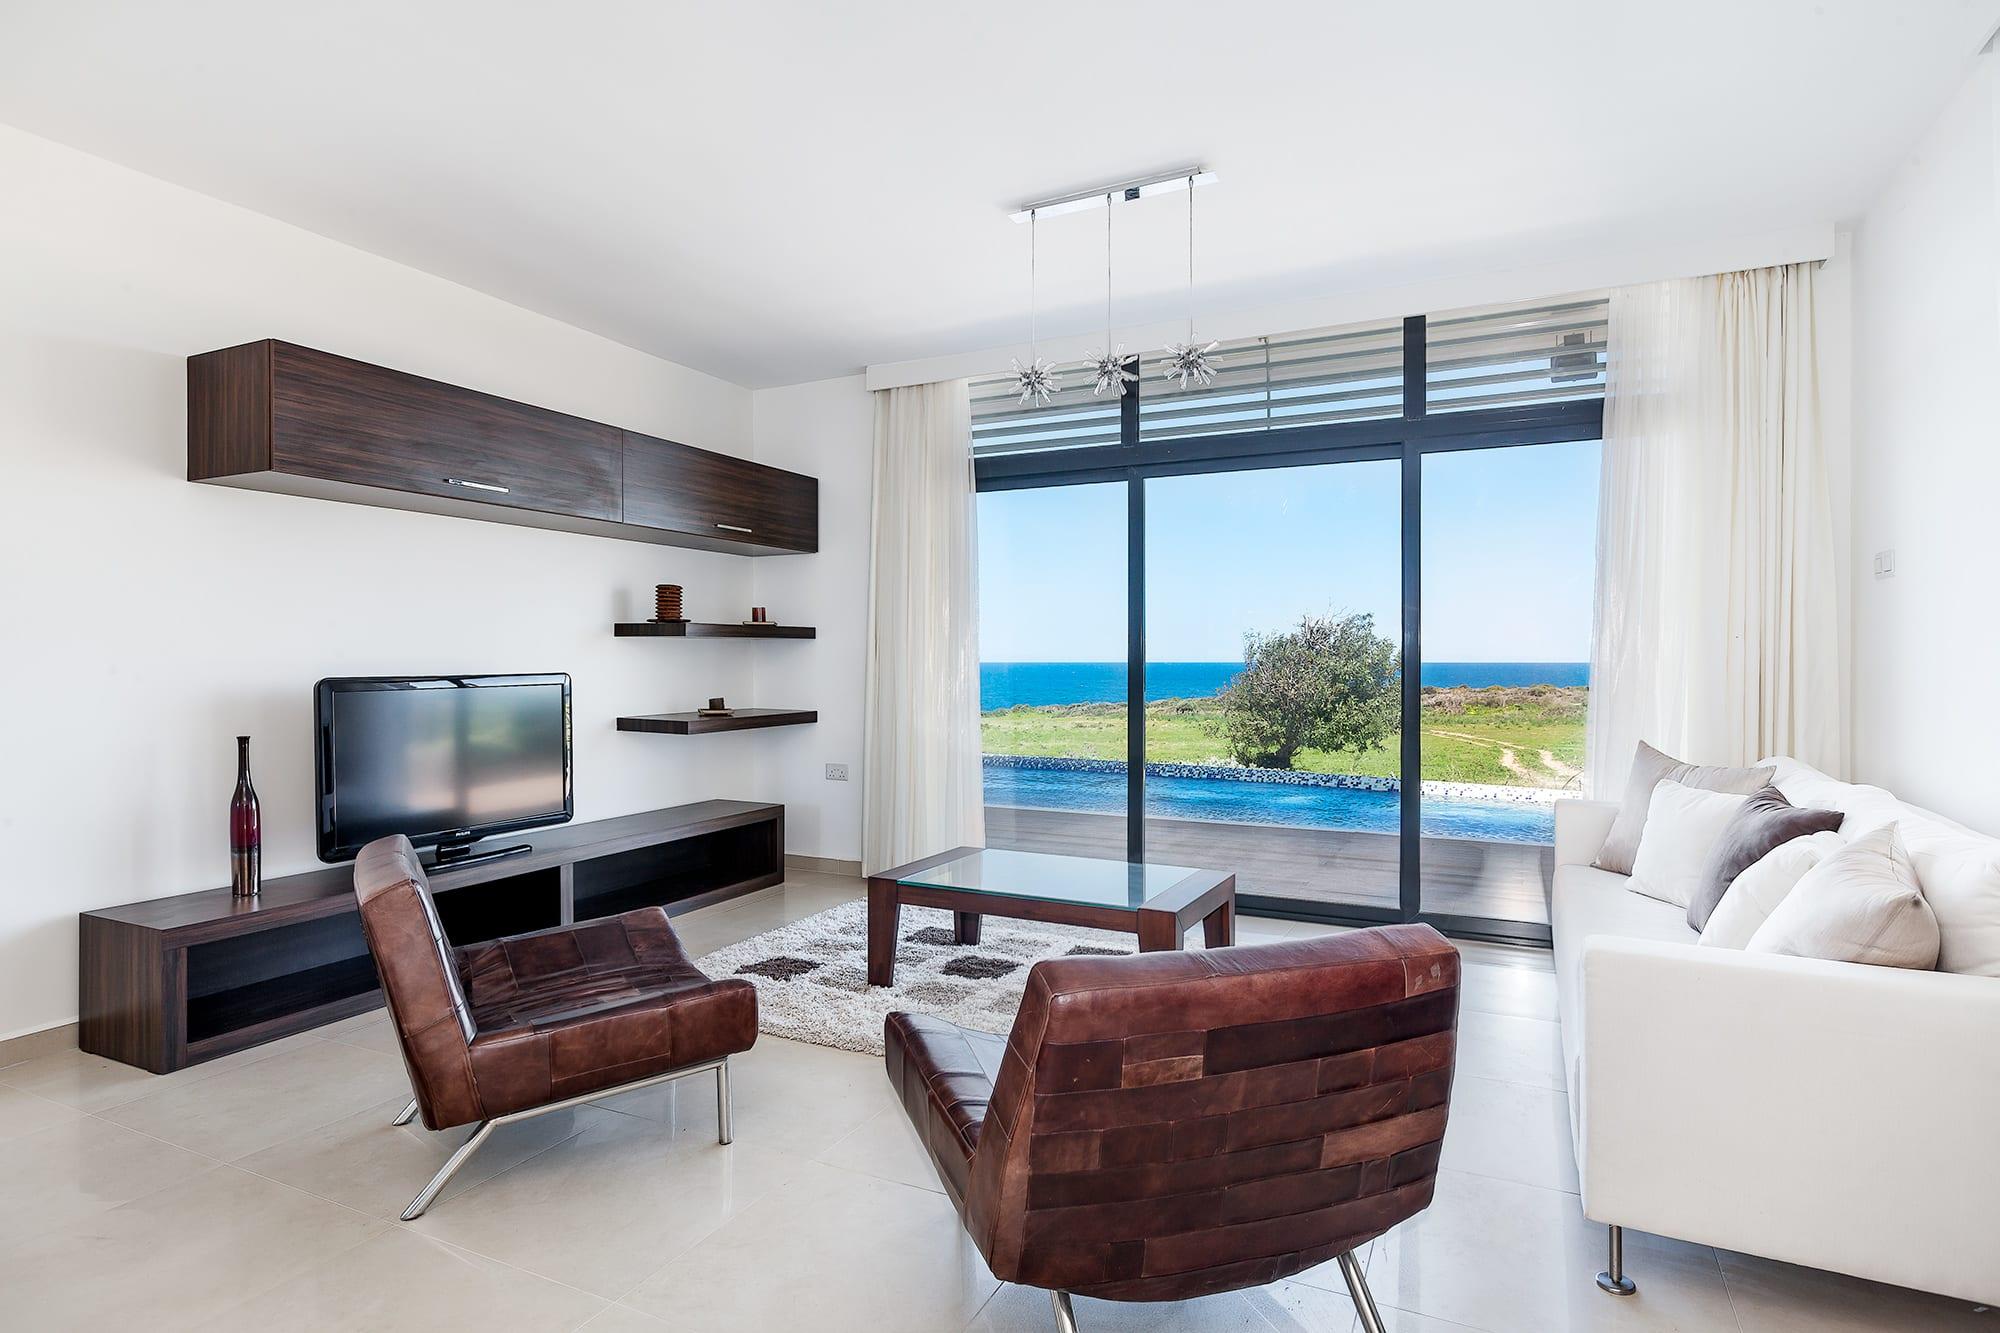 Bahçeli'de Satılık Denize Sıfır 3 Yatak Odalı ve Özel Havuzlu Villalar 9865